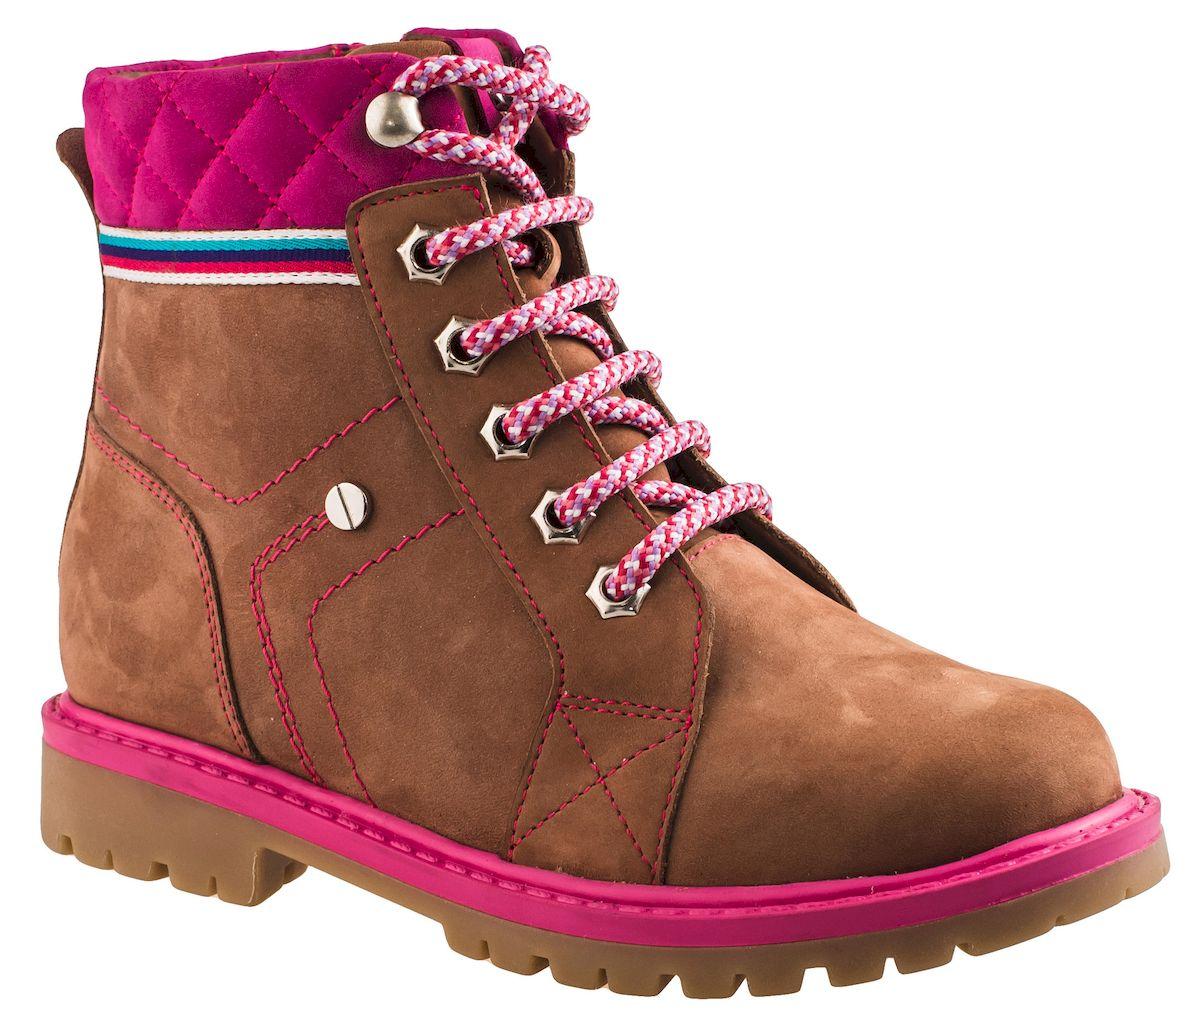 Ботинки для девочки Elegami, цвет: коричневый, фуксия. 5-519631601. Размер 345-519631601Модные ботинки для девочки от Elegami выполнены из натурального нубука и оформлены контрастной прострочкой. Шнуровка надежно зафиксирует модель на ноге. Боковая застежка-молния позволяет легко снимать и надевать модель. Подкладка из шерсти и стелька из шерсти и текстиля не дадут ногам замерзнуть. Подошва и невысокий каблук дополнены рифлением.